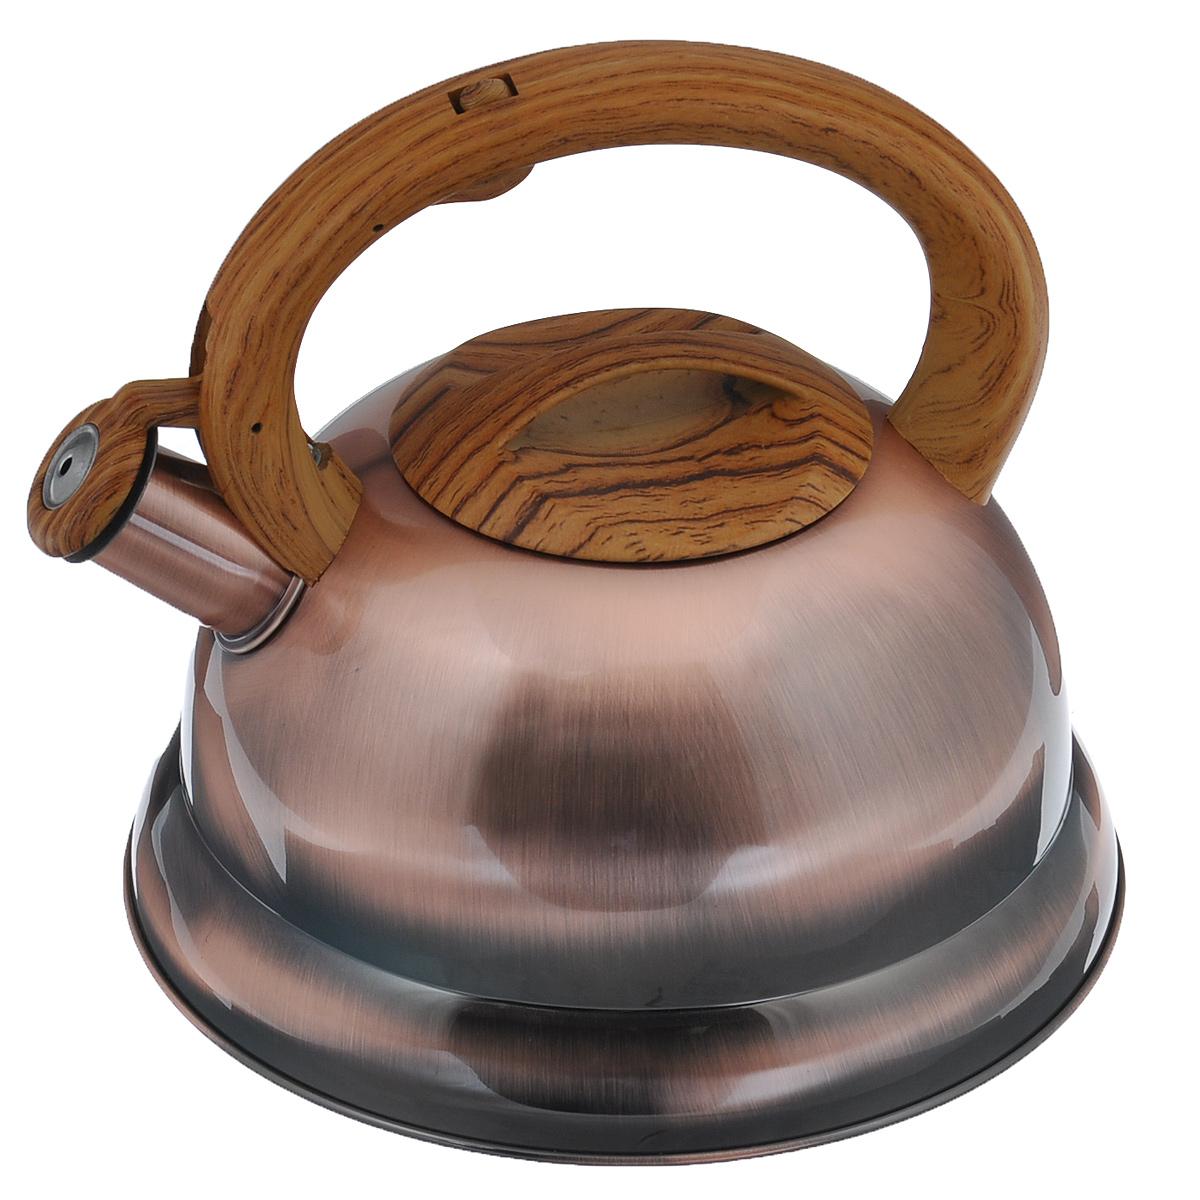 Чайник Bekker Koch со свистком, цвет: золотистый, 3,5 л. BK-S413 термос bekker koch с помпой 2 5 л bk 4033